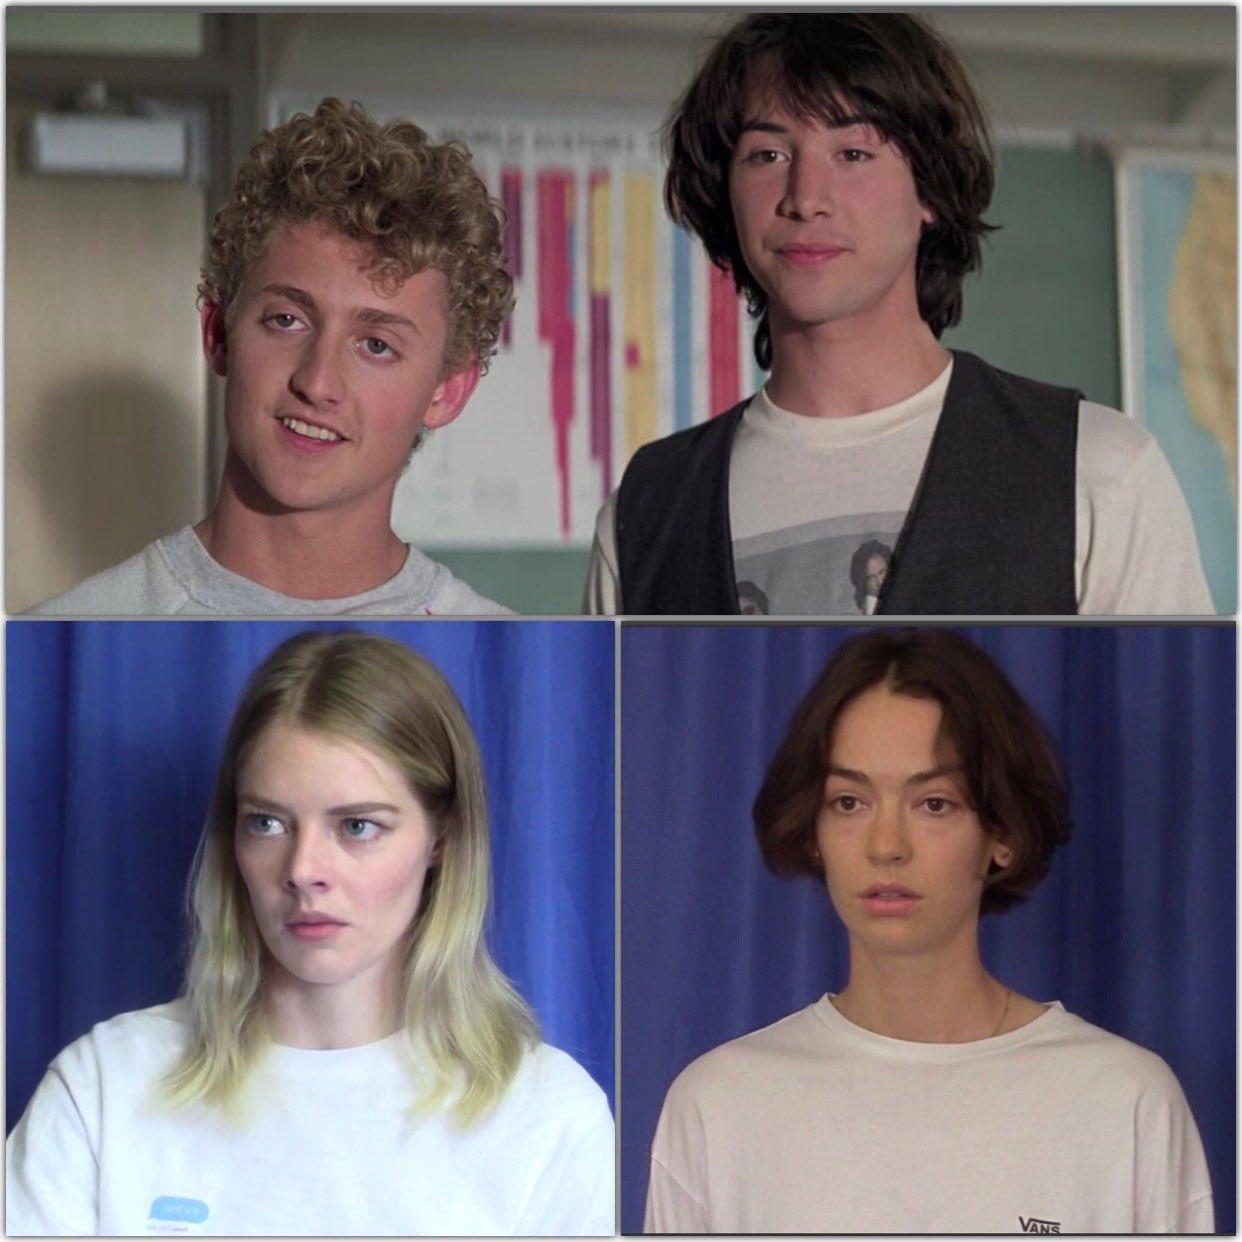 Las actrices que serán las hijas de Bill (Alex Winter) y Ted (Keanu Reeves) en Bill & Ted Face the Music (2020). Imagen: Bill & Ted 3 Twitter (@BillandTed3).